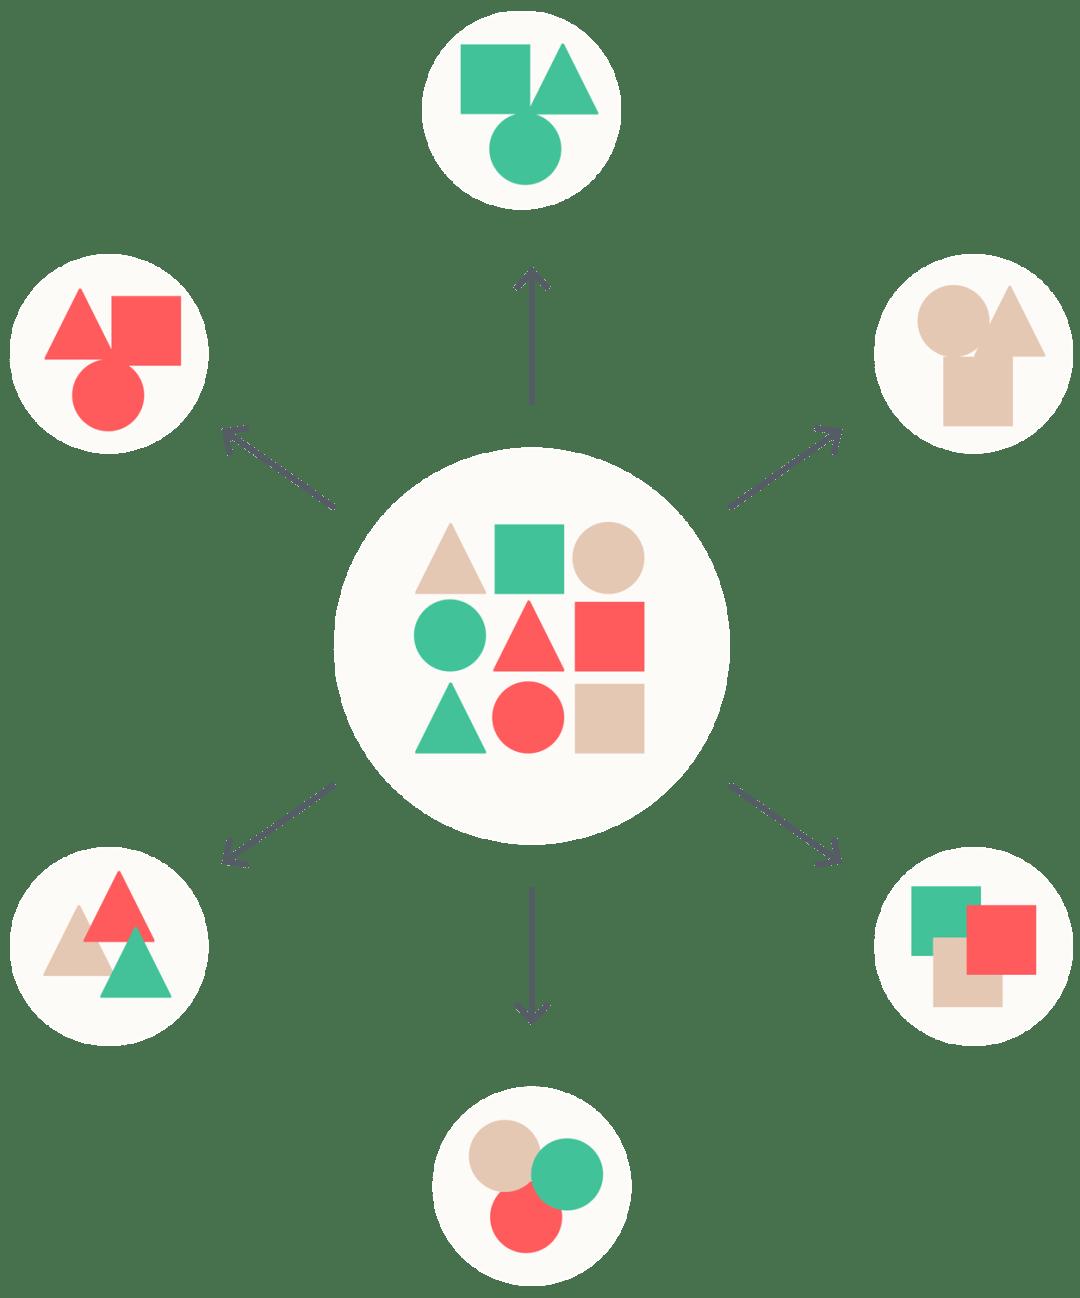 La segmentation vous permet de diviser vos abonnés en groupes logiques à conversion plus élevée